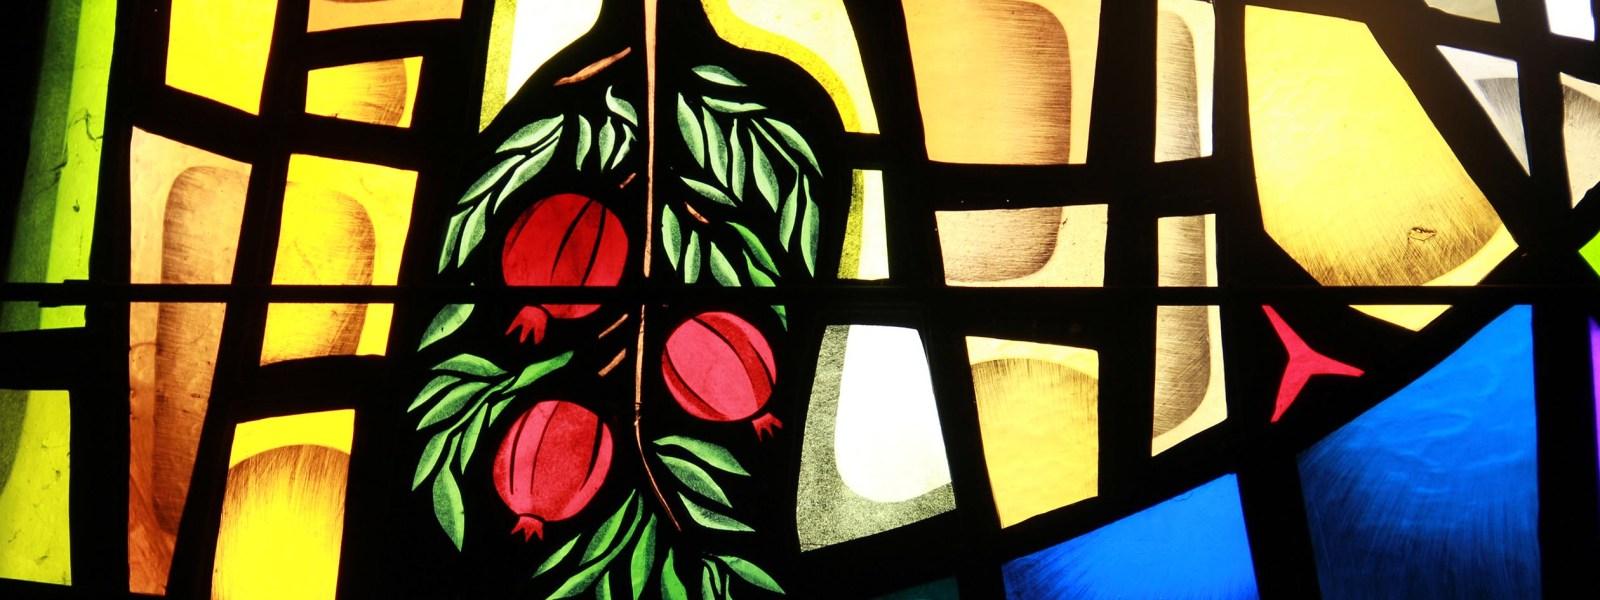 August 2 Online Worship Service